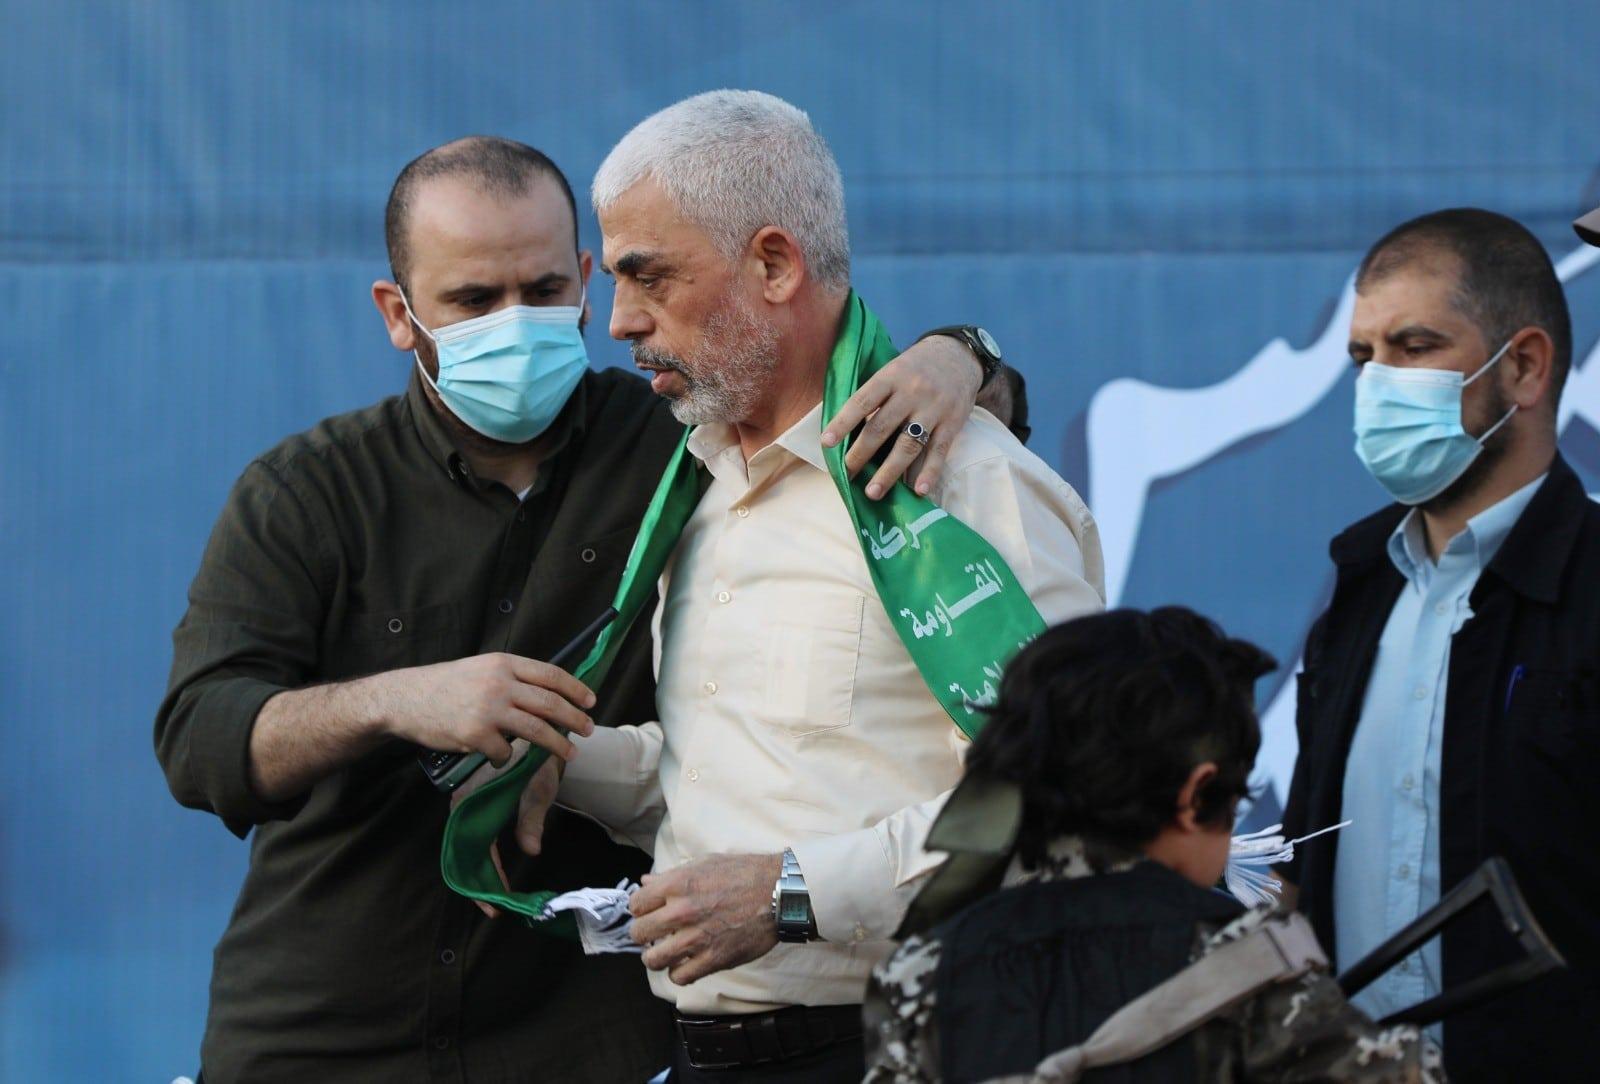 هل تفشل مفاوضات تثبيت التهدئة في غزة.. إسرائيل وضعت شروطها وتبحث عن قادة حماس